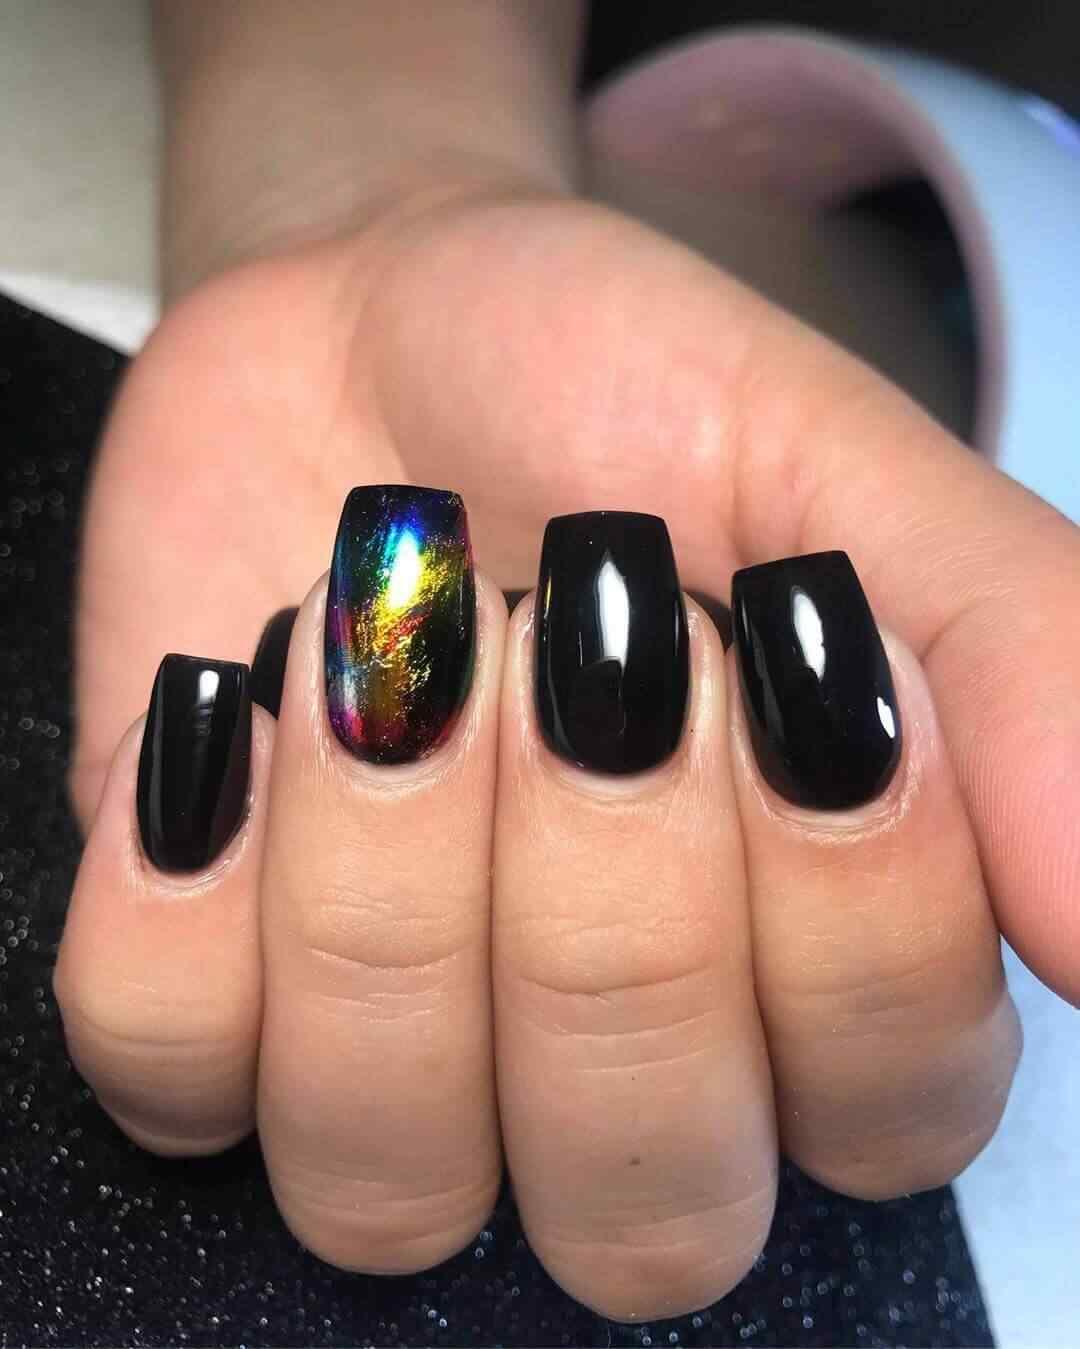 otro decorado de unas negras con esmalte holografico